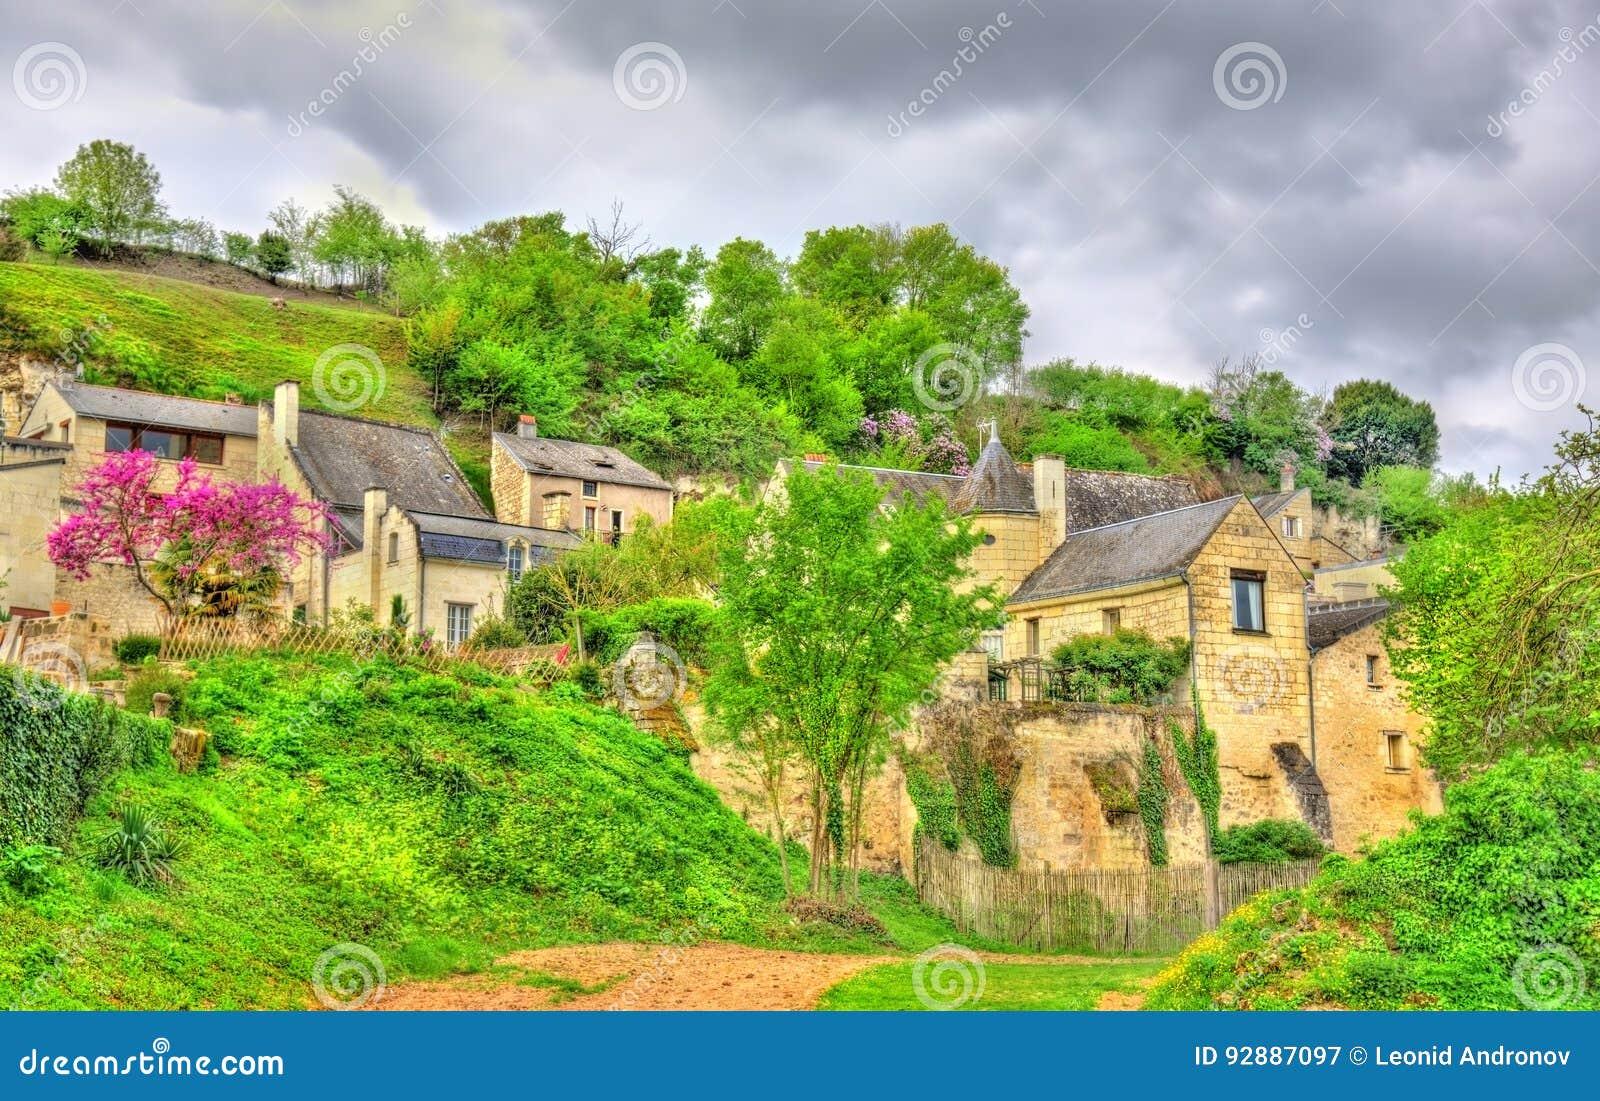 Landskap på chateauen de Montsoreau på banken av Loiren i Frankrike